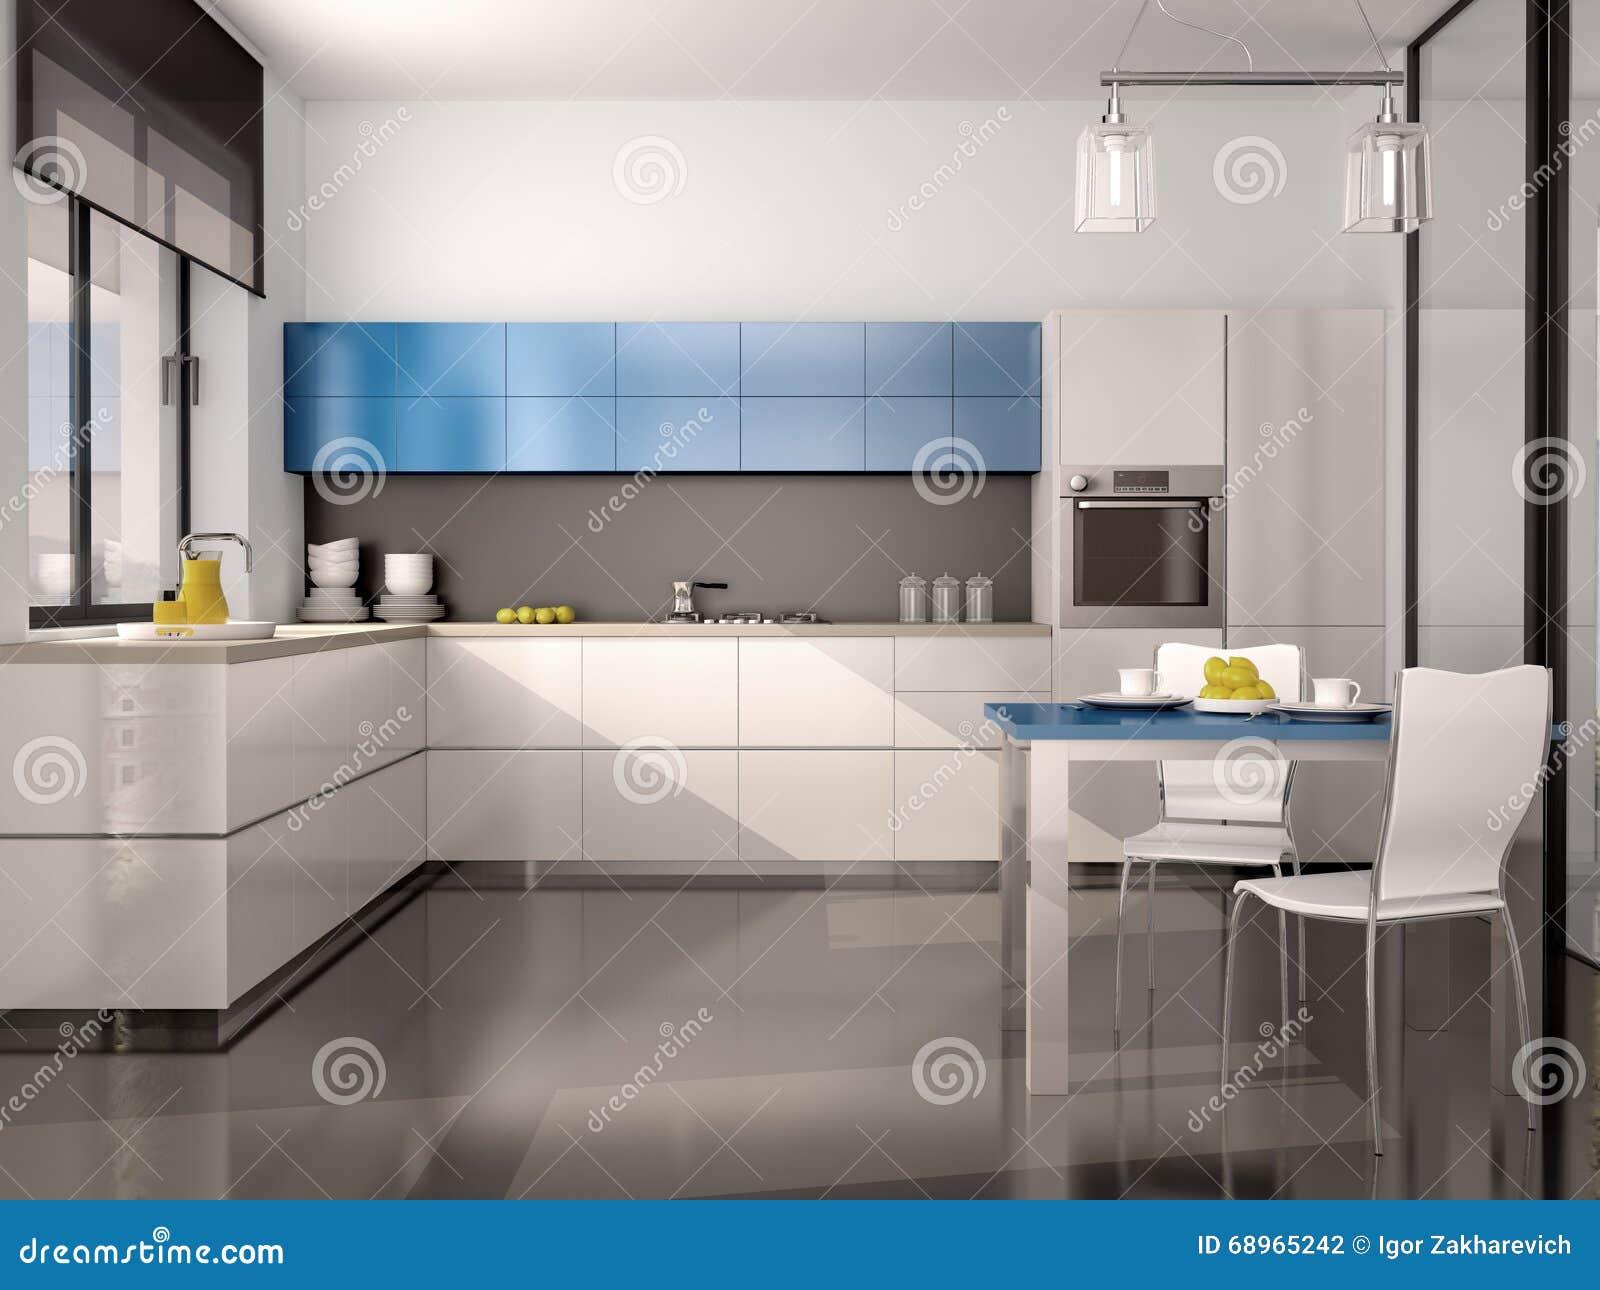 Ilustra O Do Interior Da Cozinha Moderna No Cinza Azul Branco